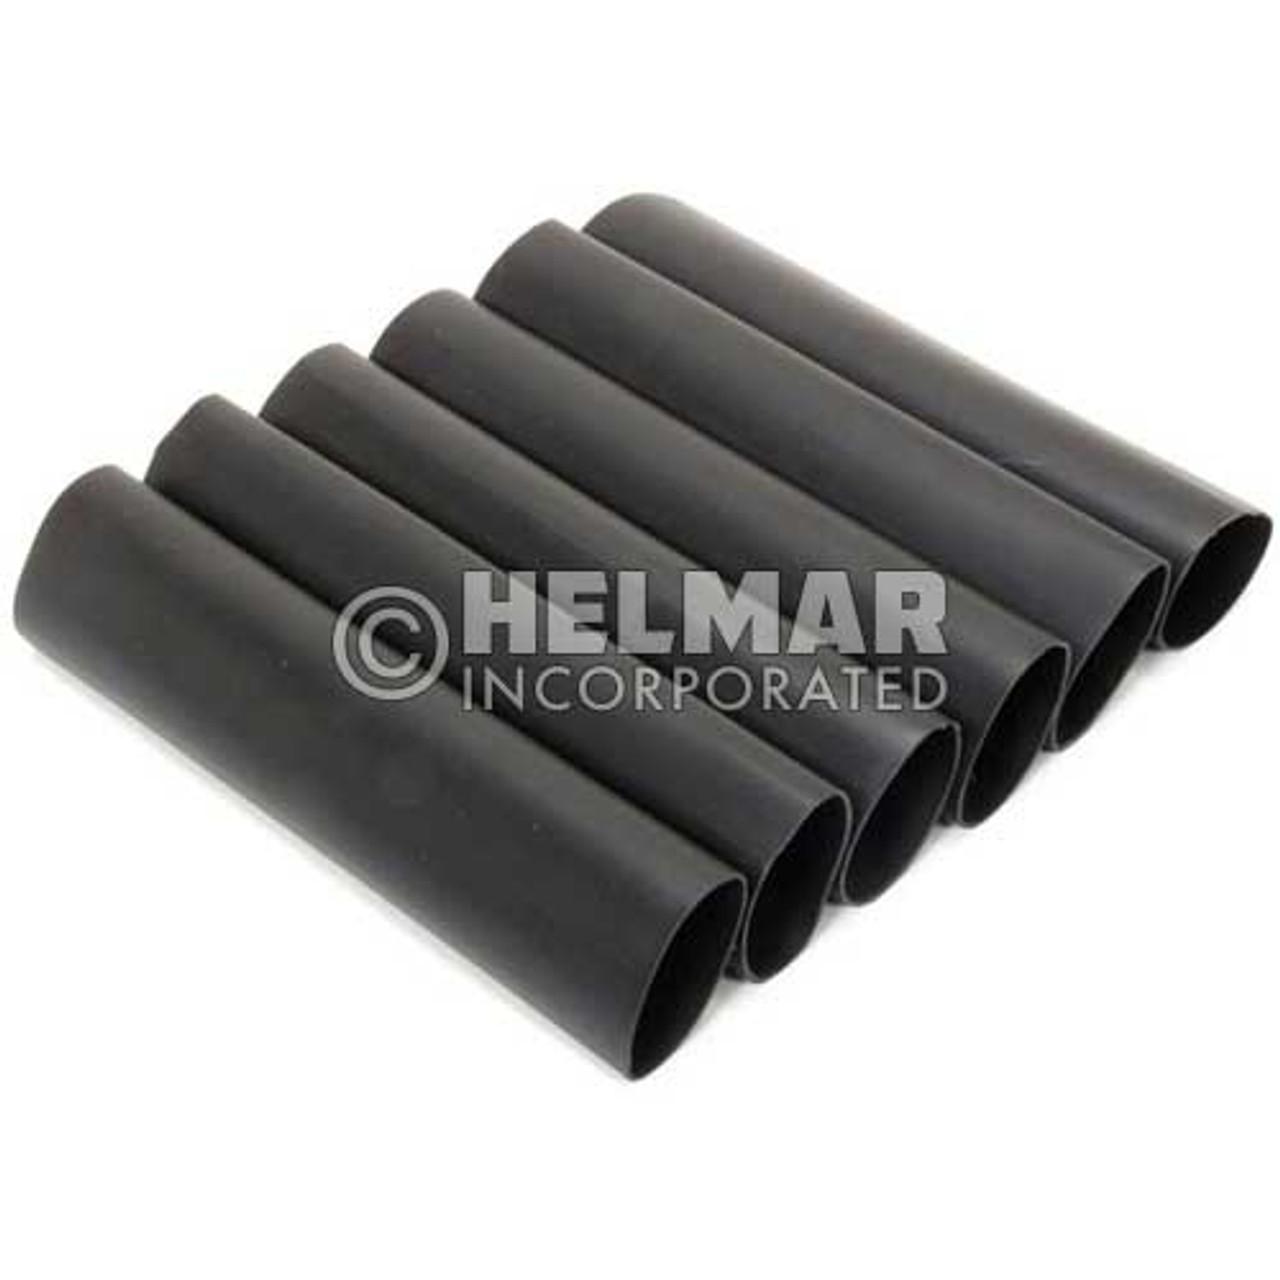 05406 Heat Shrinkable Tubing, Black, 1/0 - 4/0 Gauge